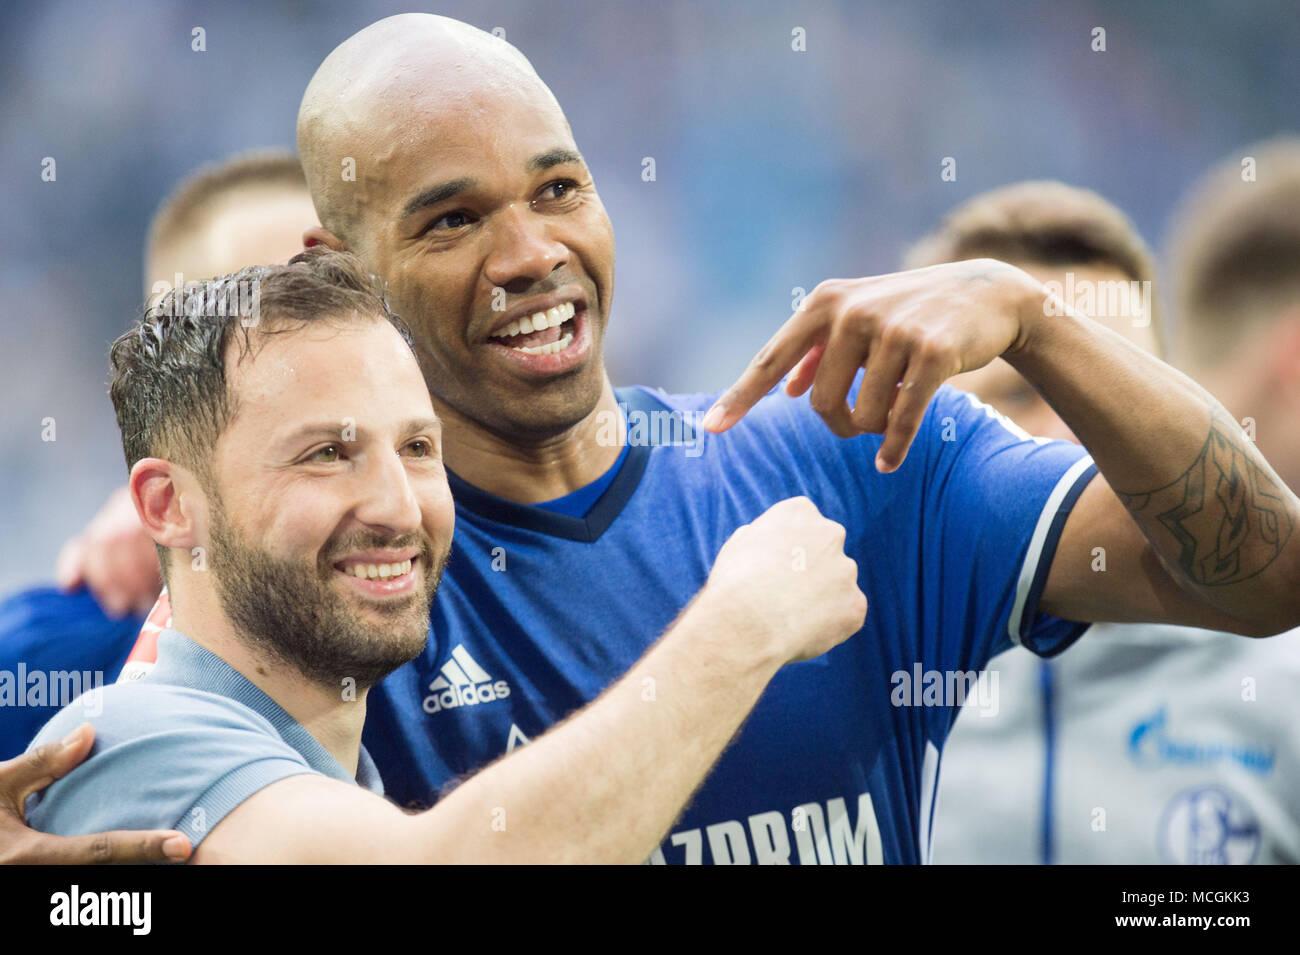 Gelsenkirchen, Allemagne. Apr 15, 2018. Domenico TEDESCO (gauche, coach, GE) et NALDO (GE) montrer les uns les autres, en pointant, jubilation, ils applaudissent, ils applaudissent, joie, Cheers, célébrer, jubilation finale, football 1ère Bundesliga, 30e journée, le FC Schalke 04 (GE) - Borussia Dortmund (NE) 2: 0, le 15.04.2017 à Gelsenkirchen, Allemagne. Utilisation dans le monde entier | Credit: dpa/Alamy Live News Banque D'Images